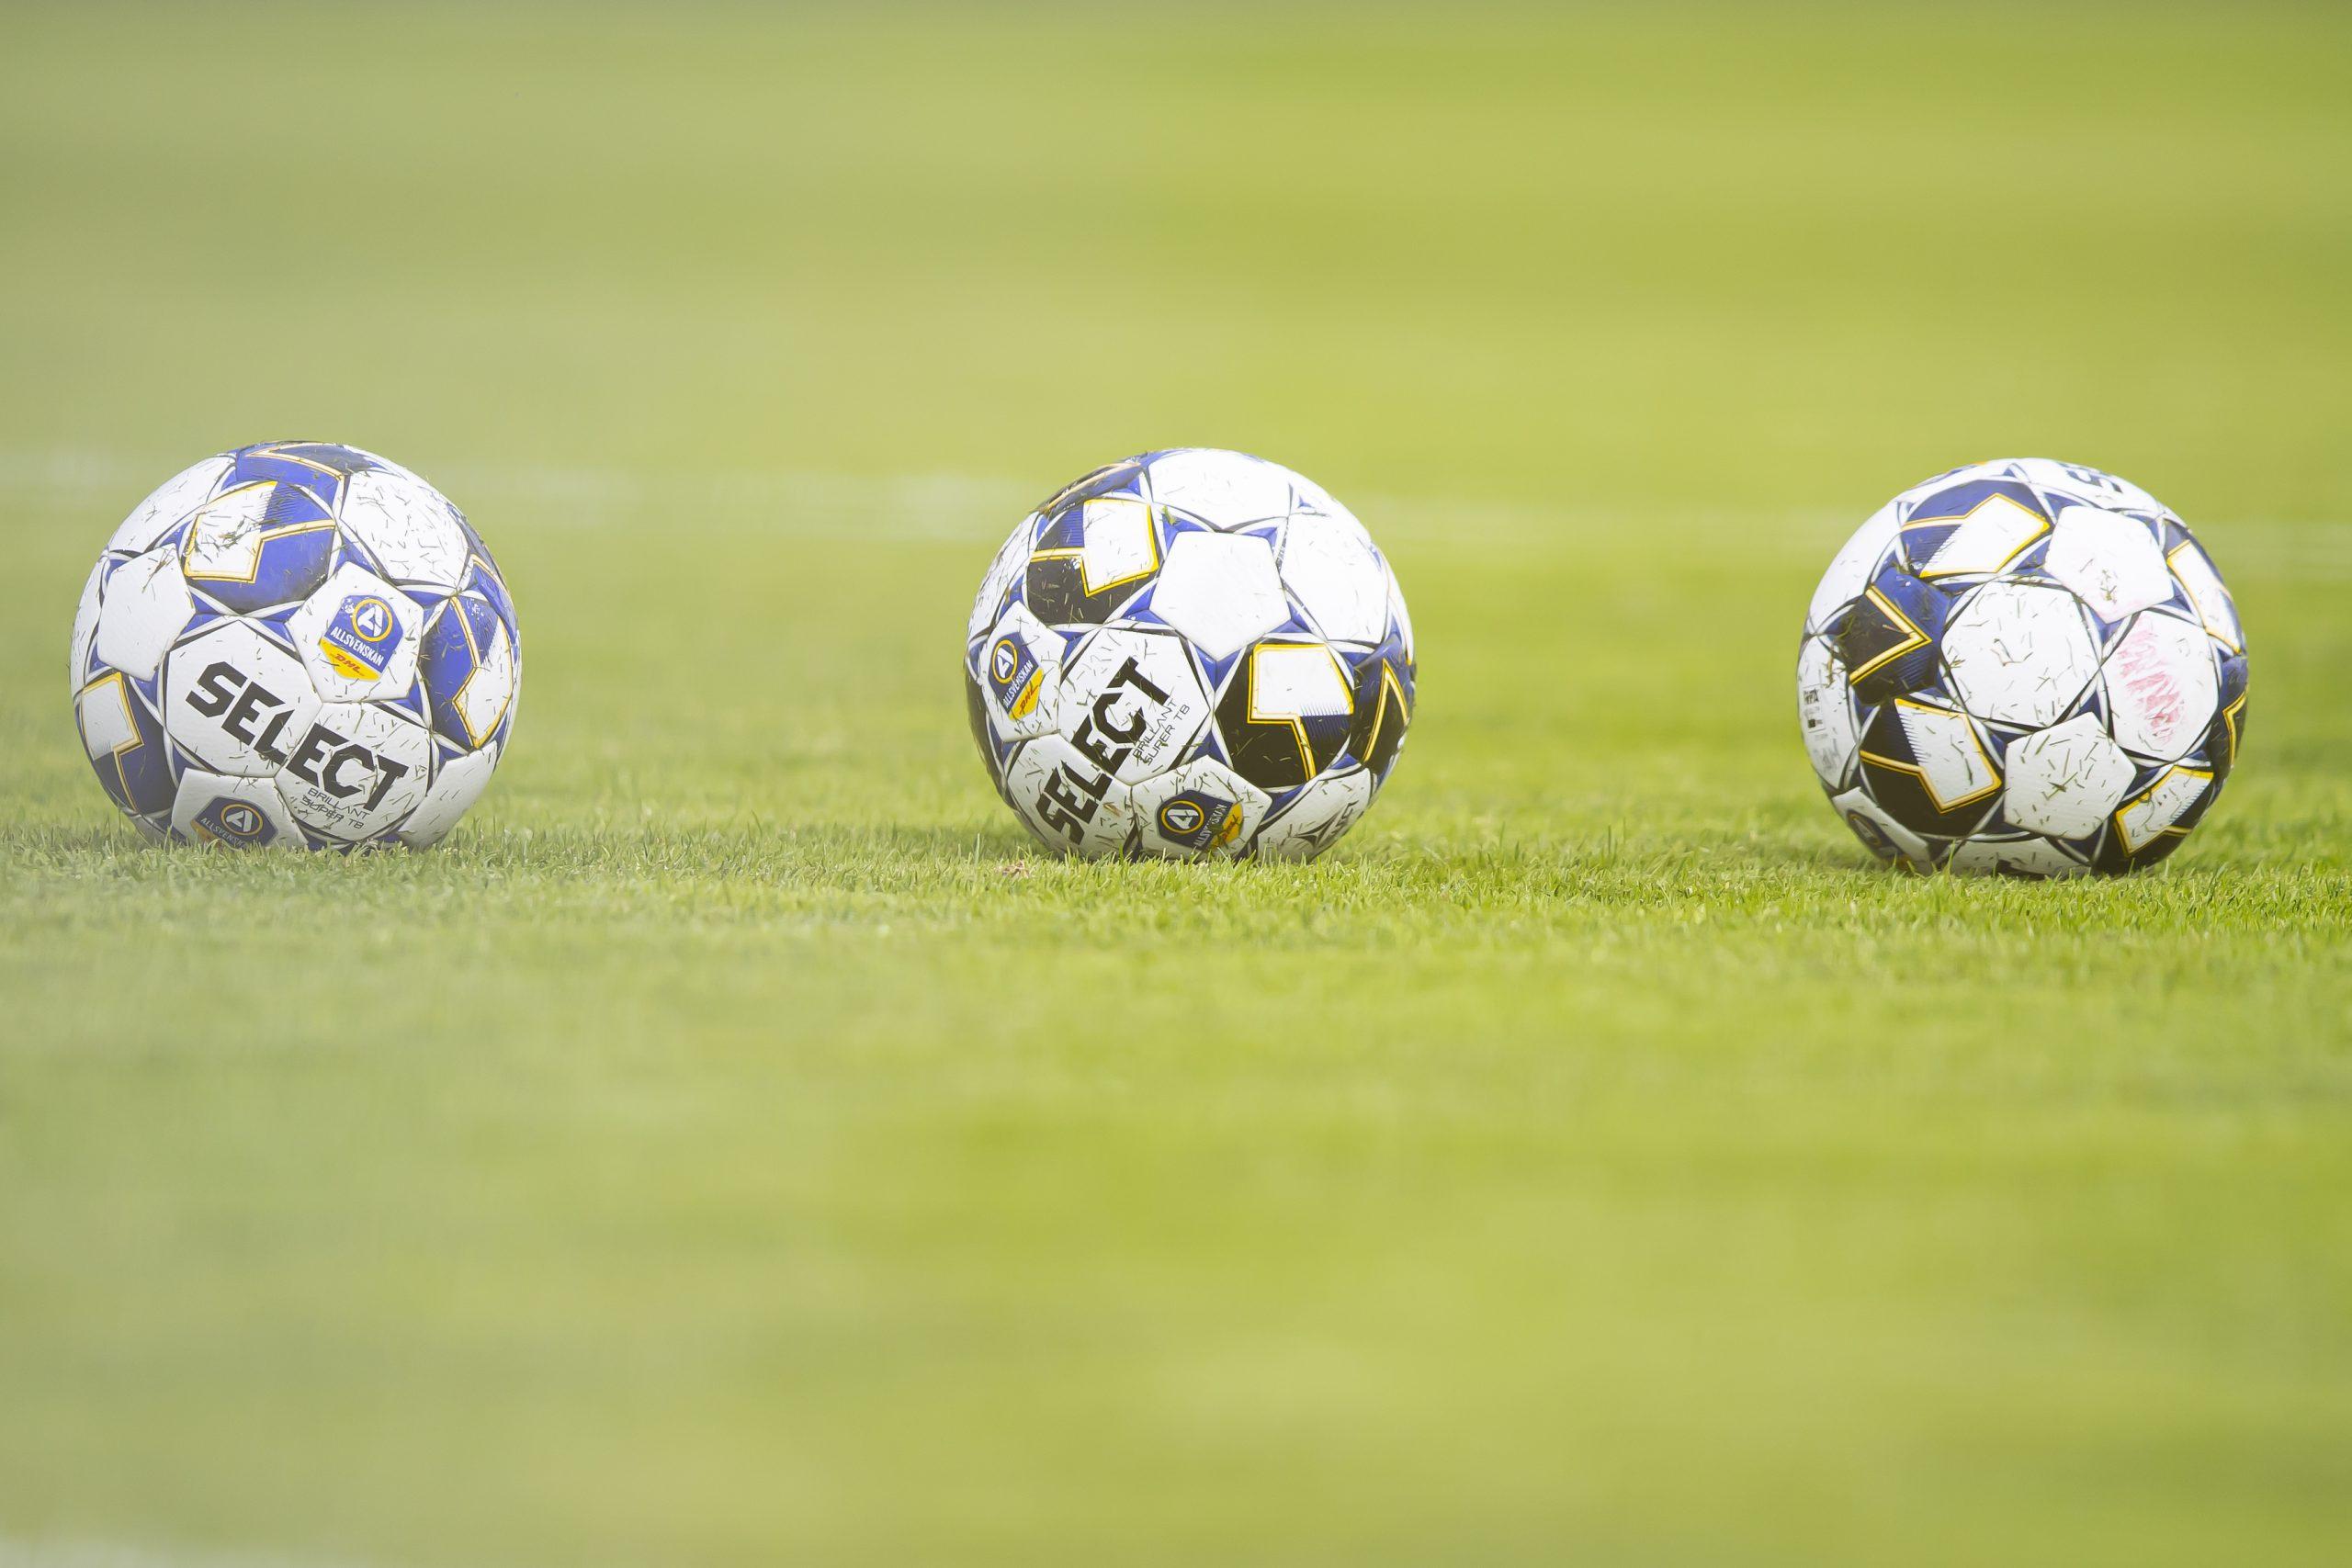 Förlust för U21 i träningsmatchen mot HBK